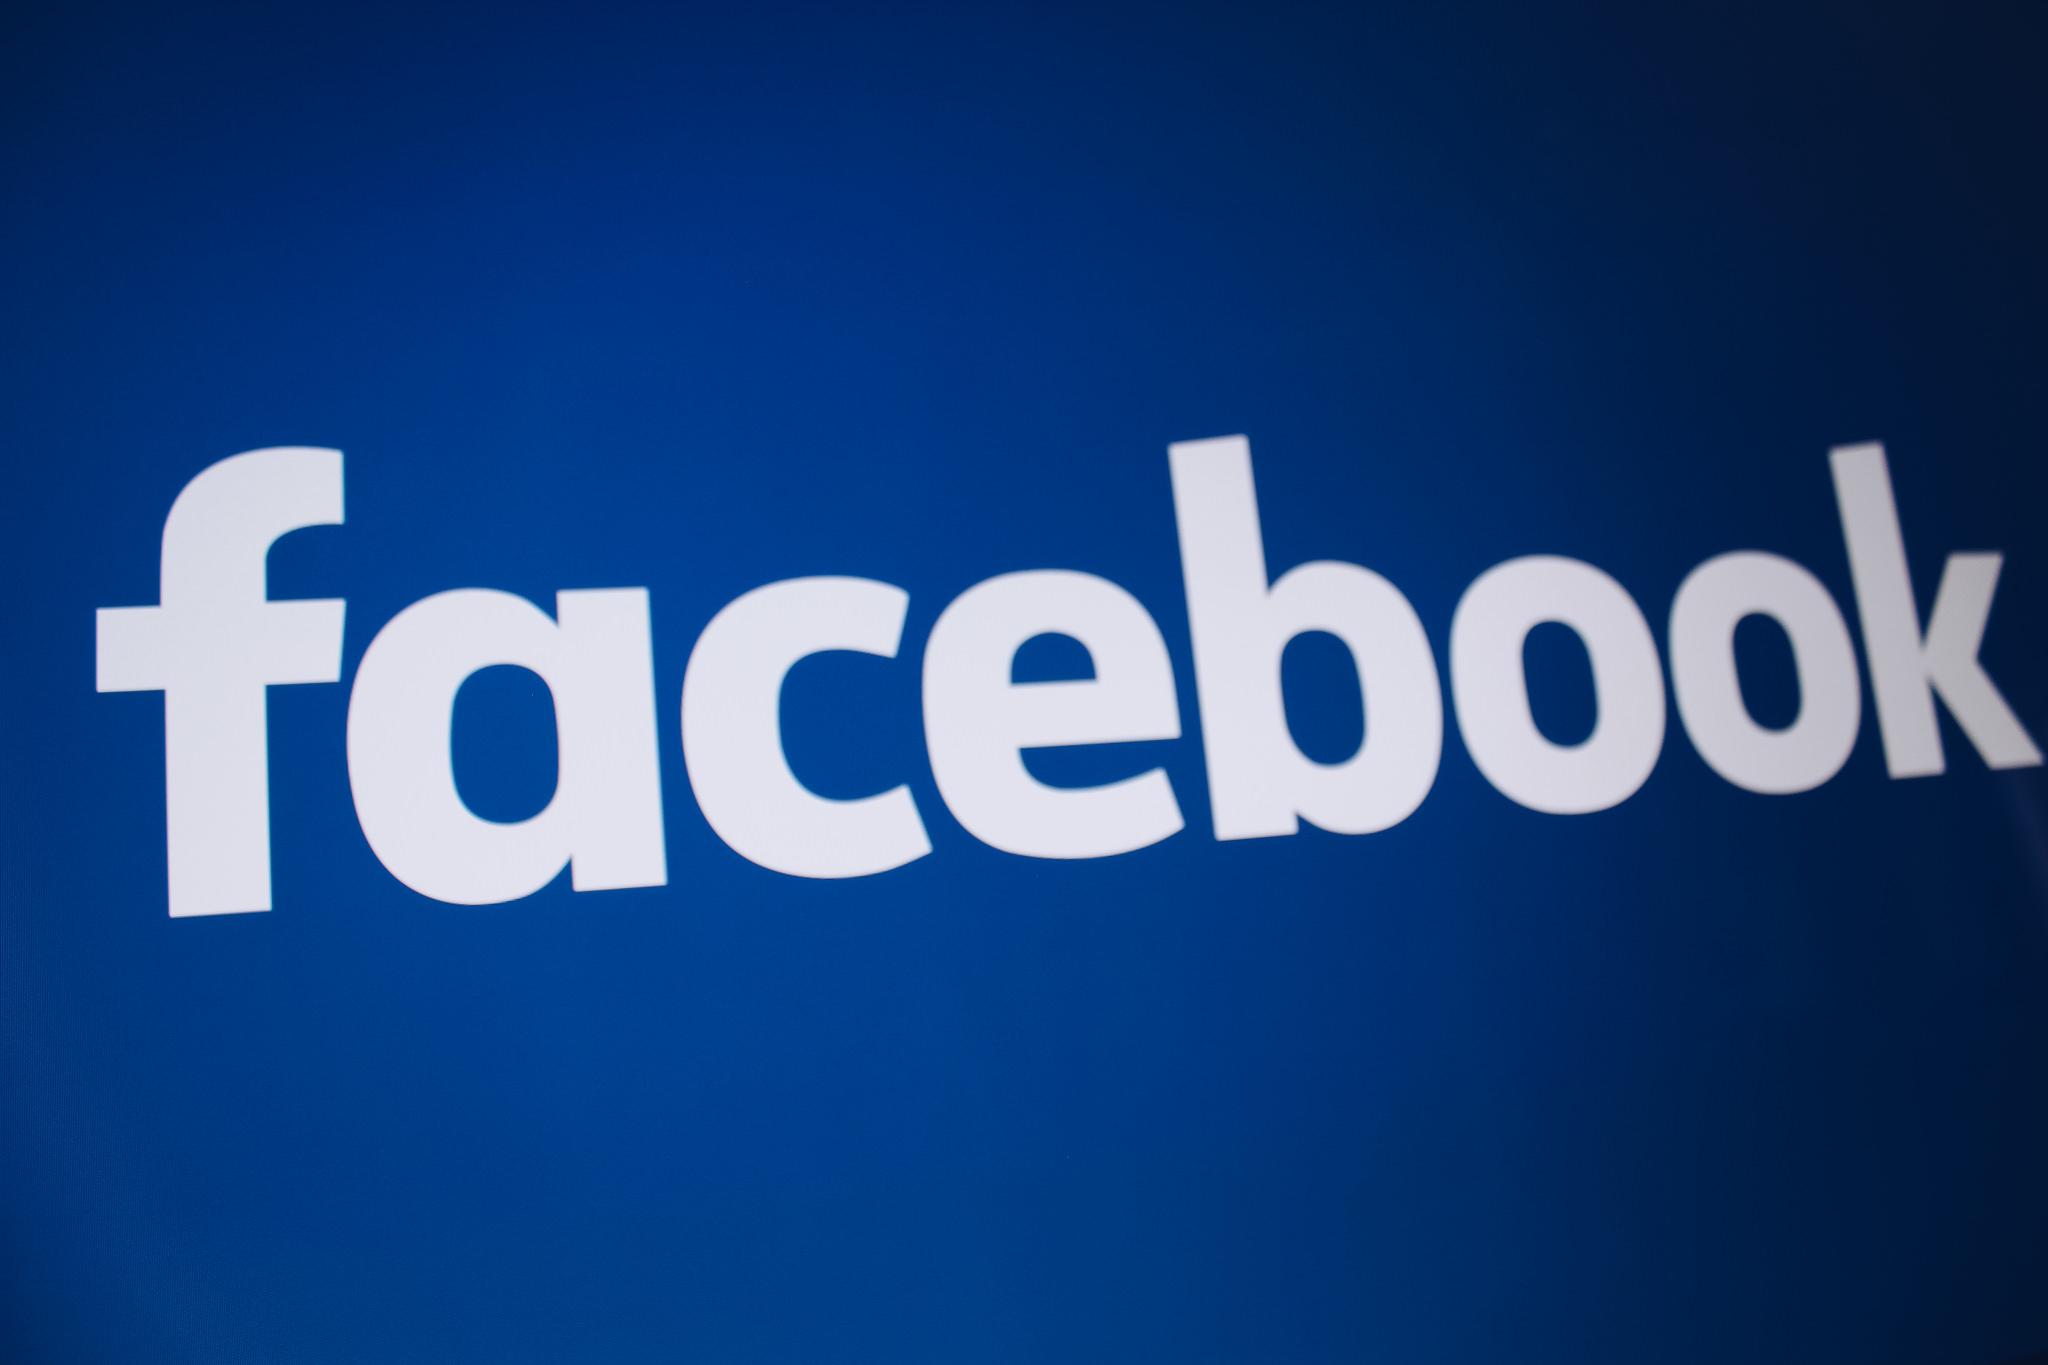 Free Facebook Logo Stock Photography